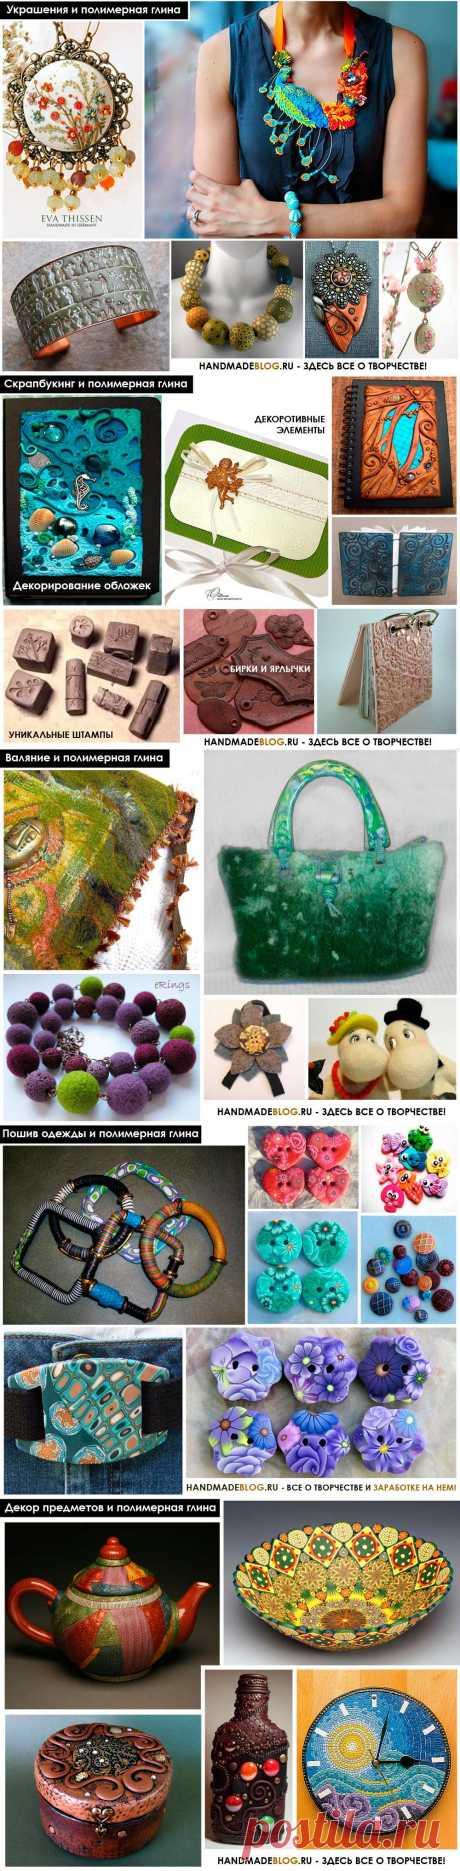 Полимерная глина для всех – используем пластику в разных видах рукоделия! « Блог Анастасии Астафьевой